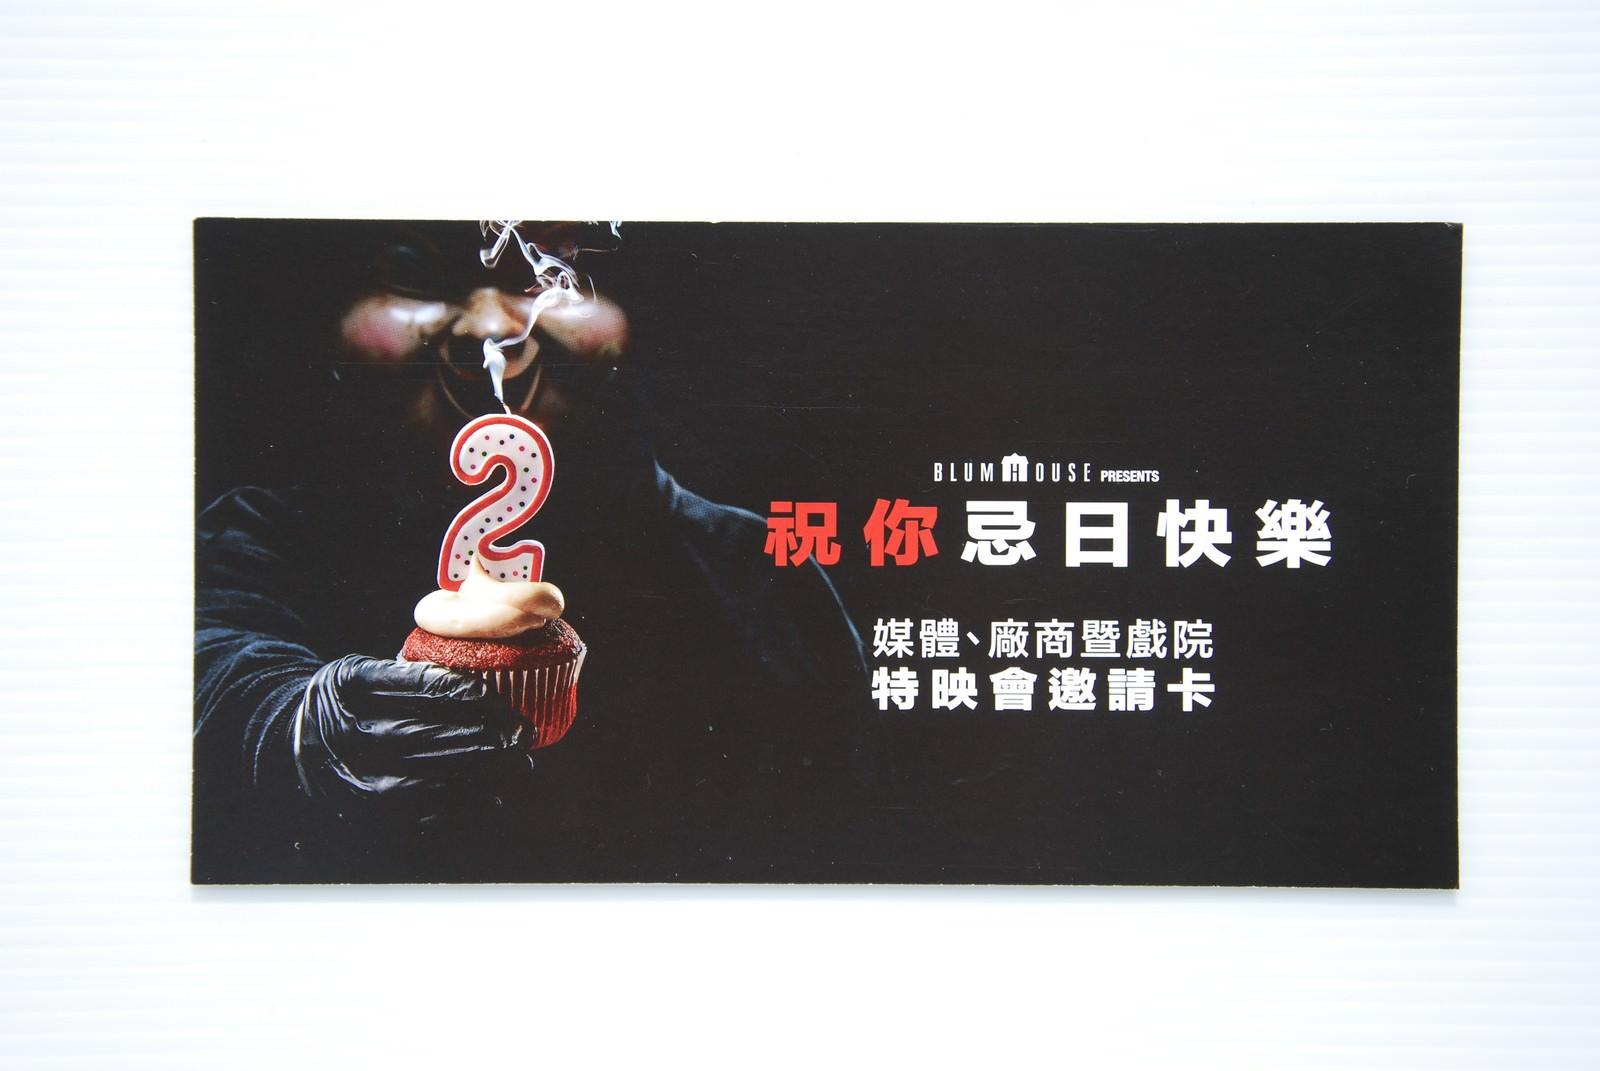 Movie, Happy Death Day 2U(美國, 2019年) / 祝你忌日快樂(台灣) / 死亡無限2次LOOP(香港) / 忌日快乐2(網路), 特映會邀請卡